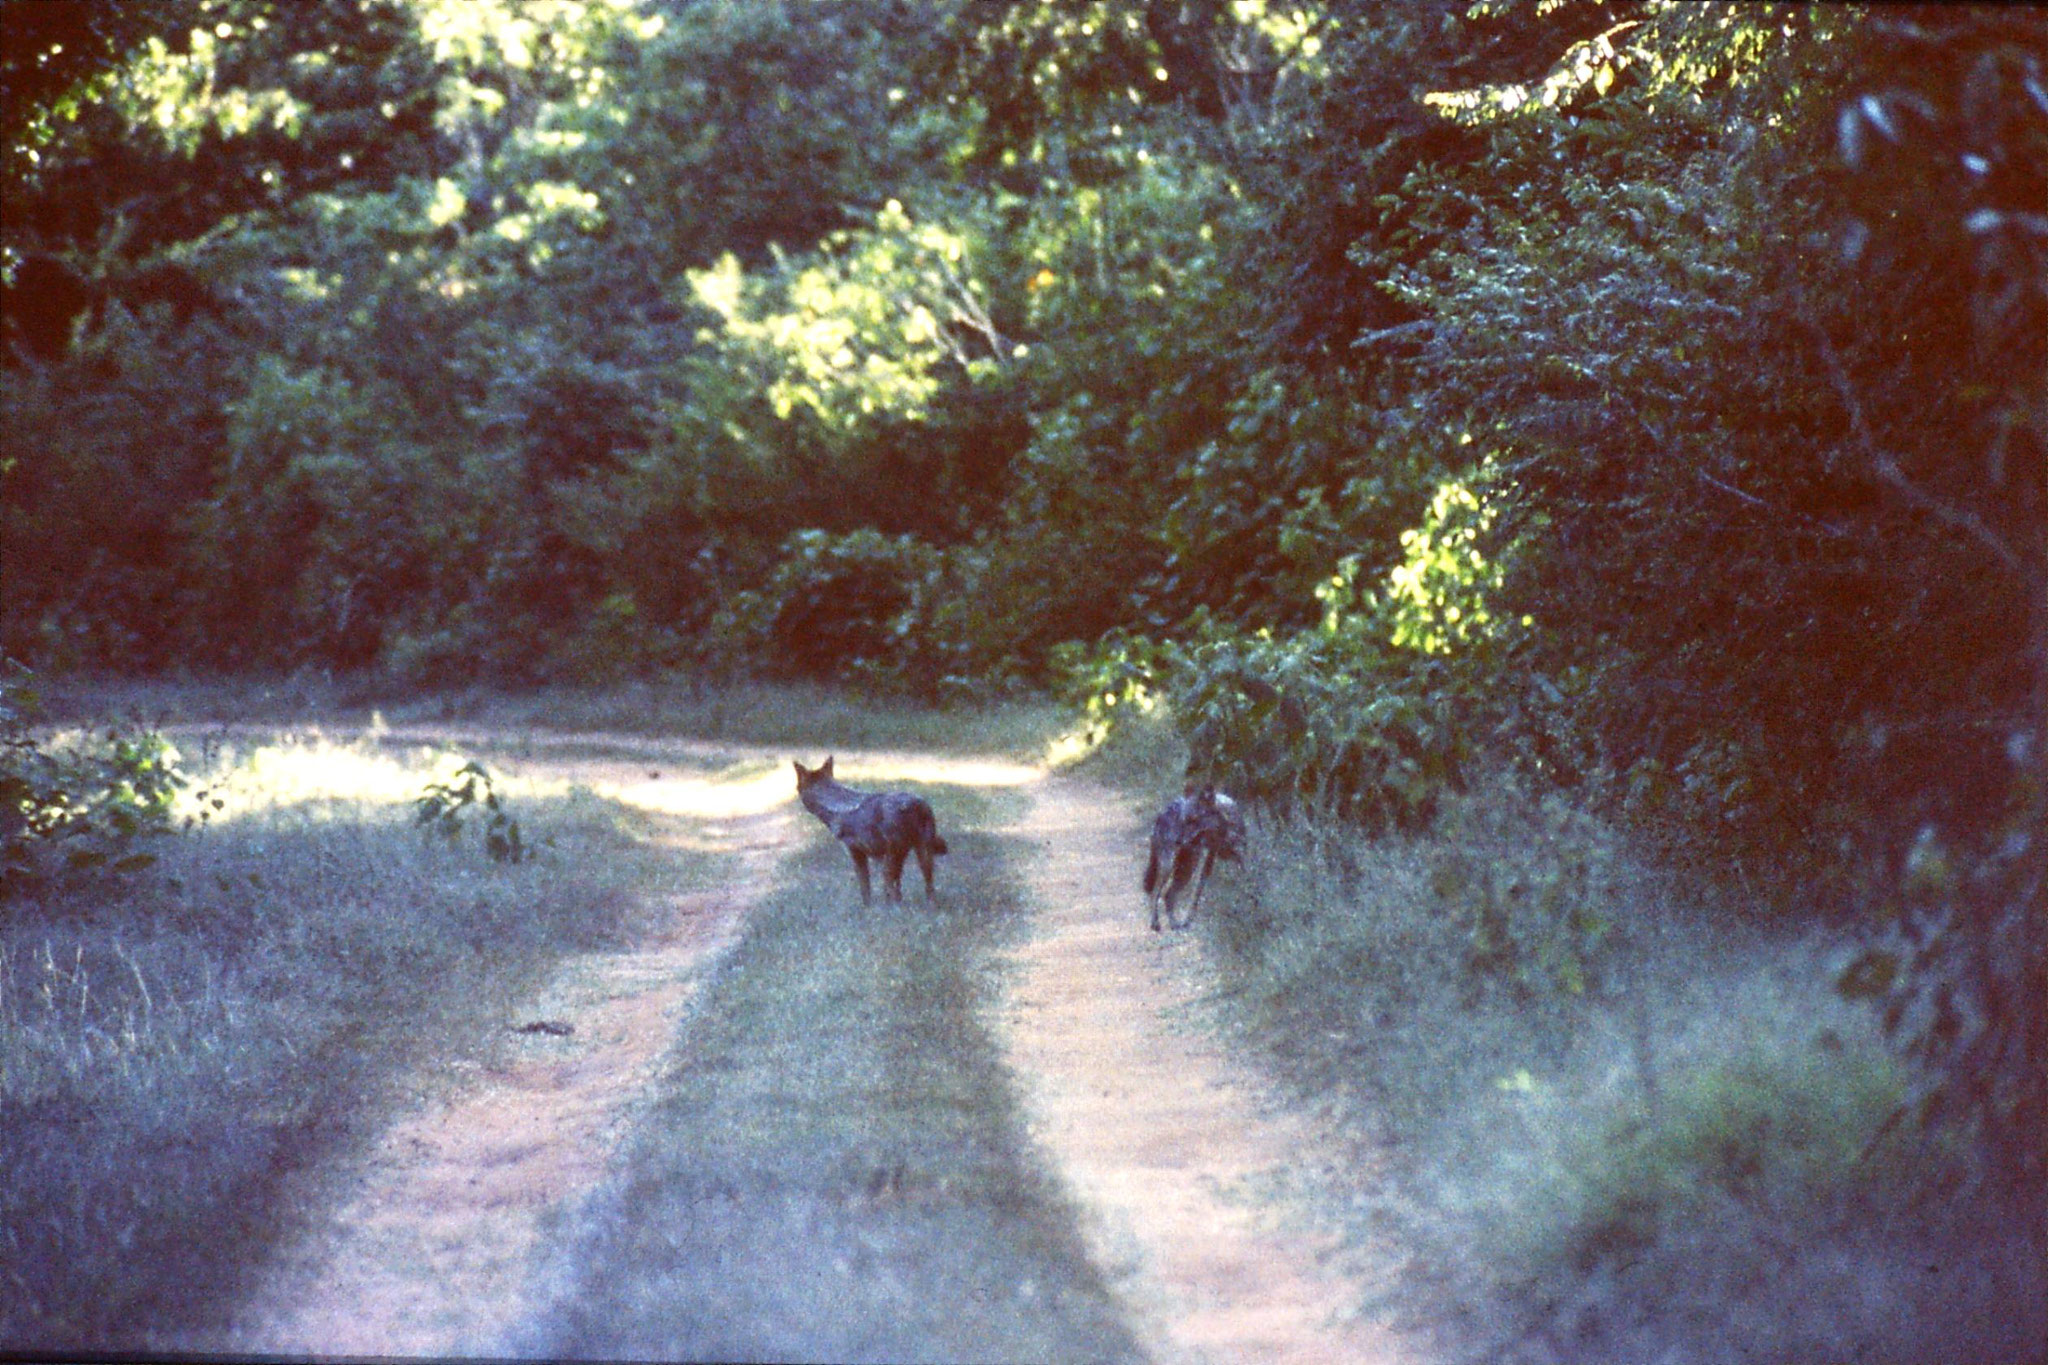 28/1/1990: 0: Uda Walawe jackals